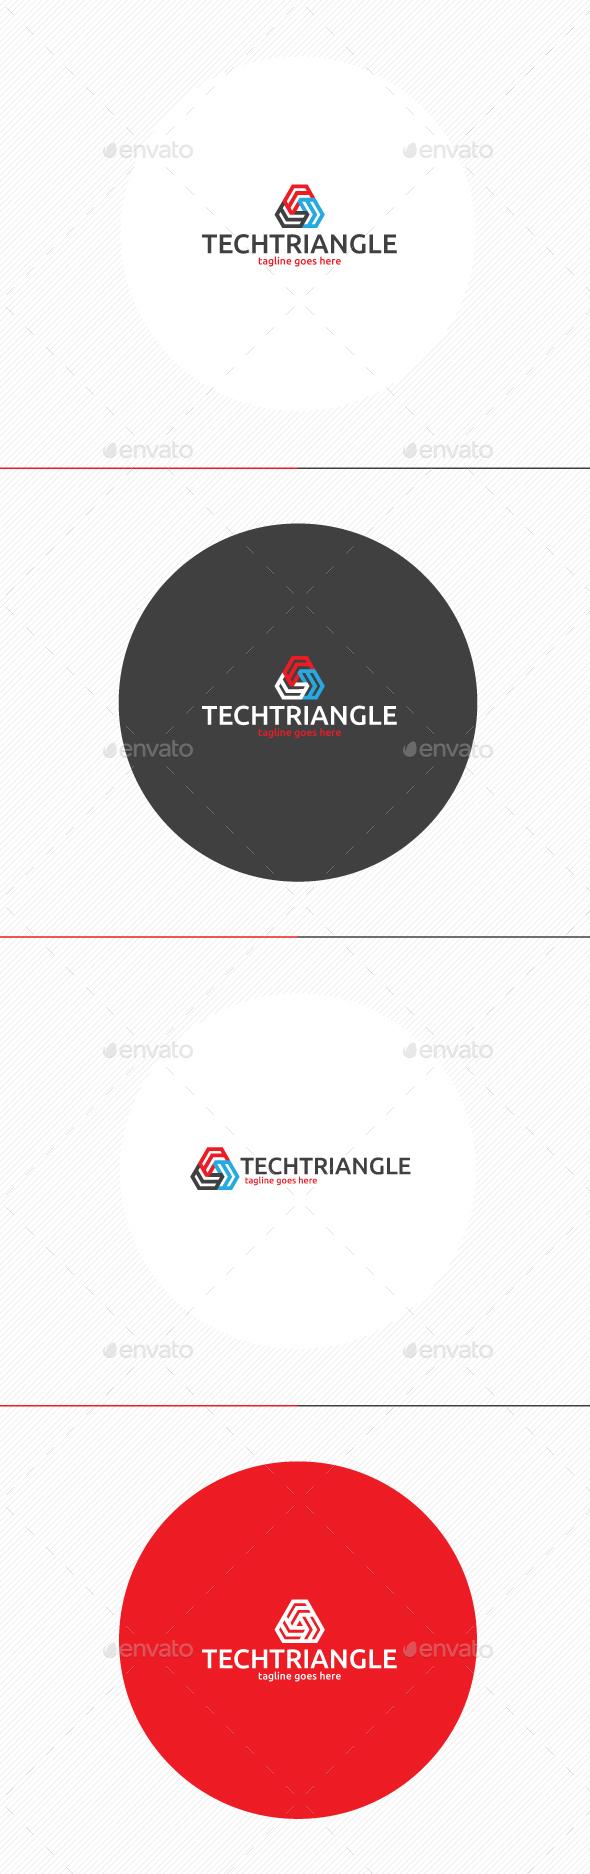 Tech Triangle Logo - Vector Abstract